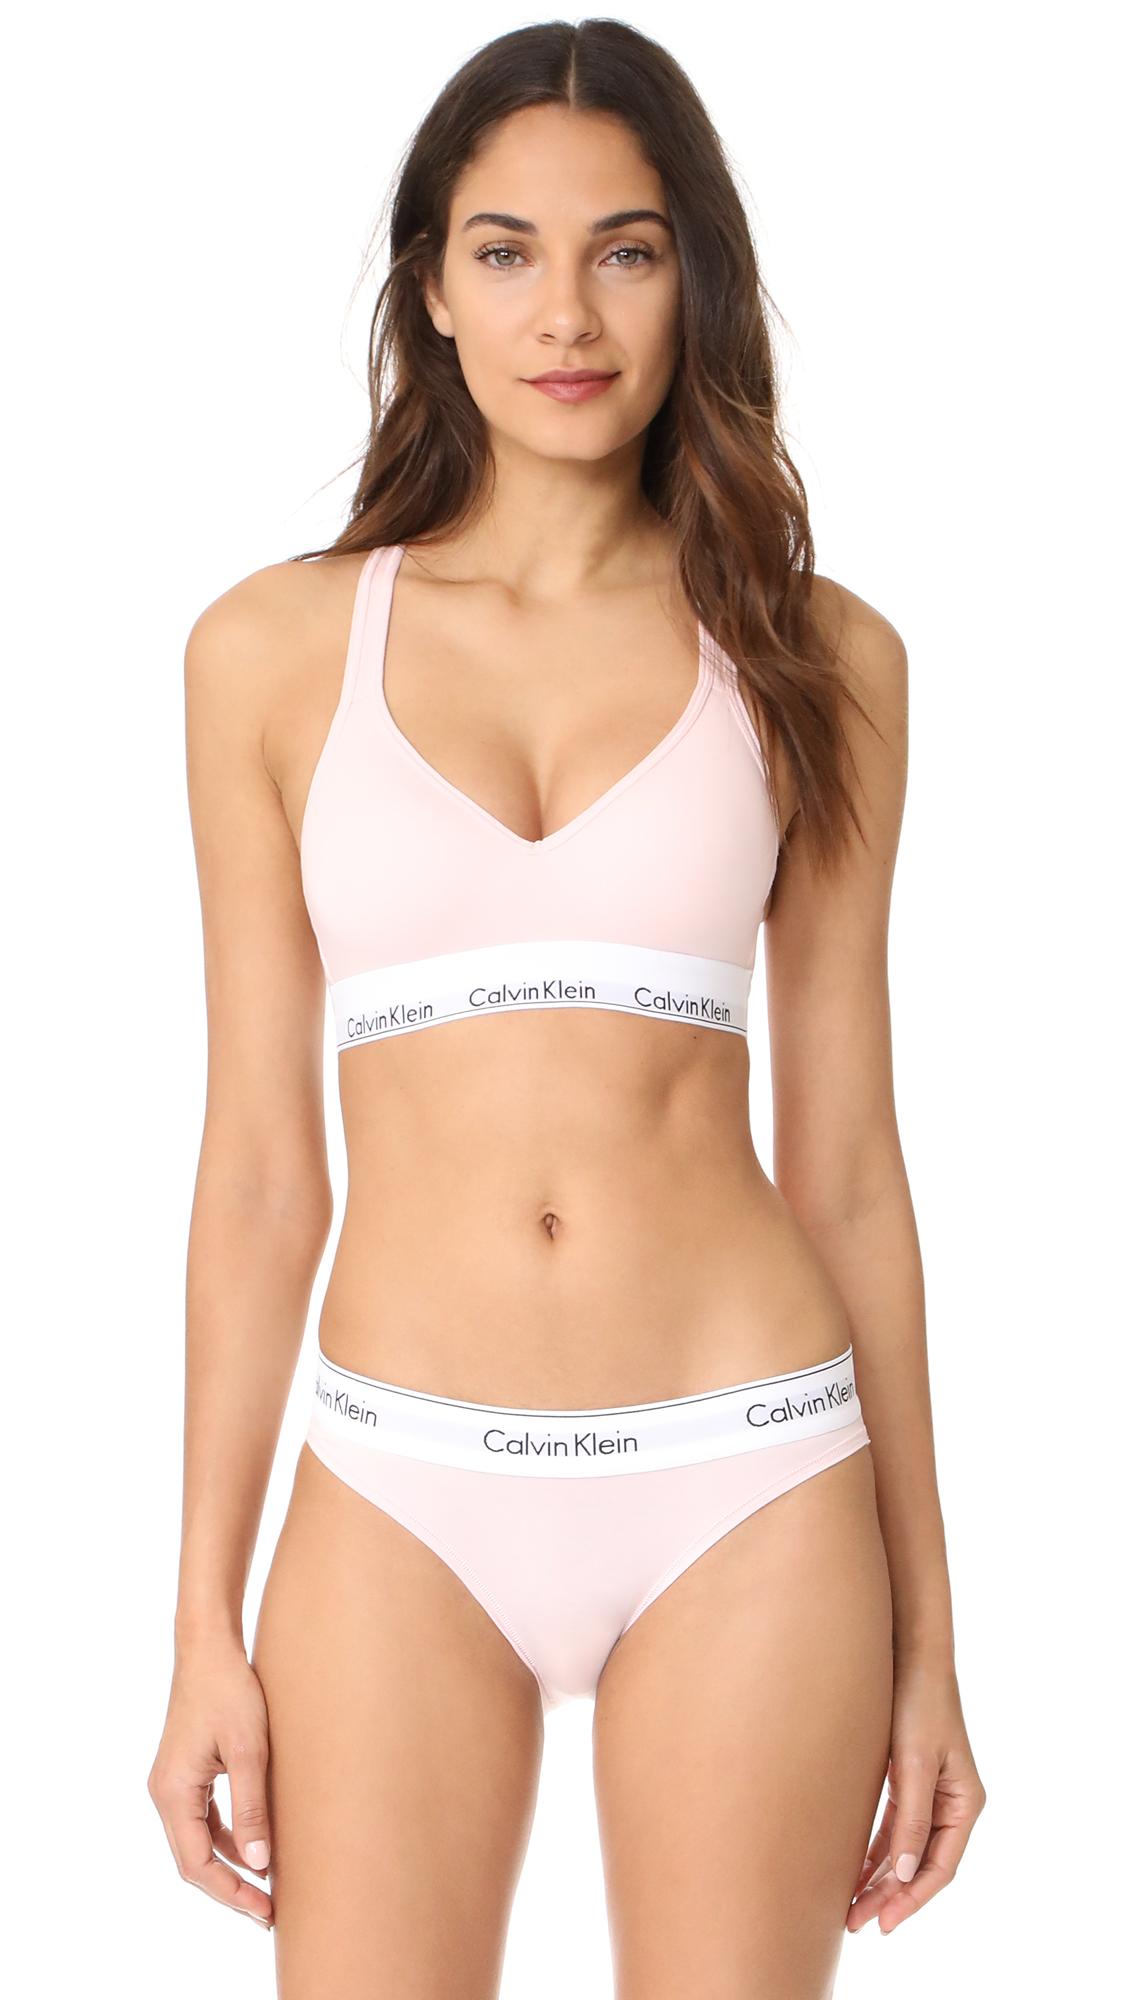 739ed5dc18292 CKU - Calvin Klein Bras   Panties FREE SHIPPING